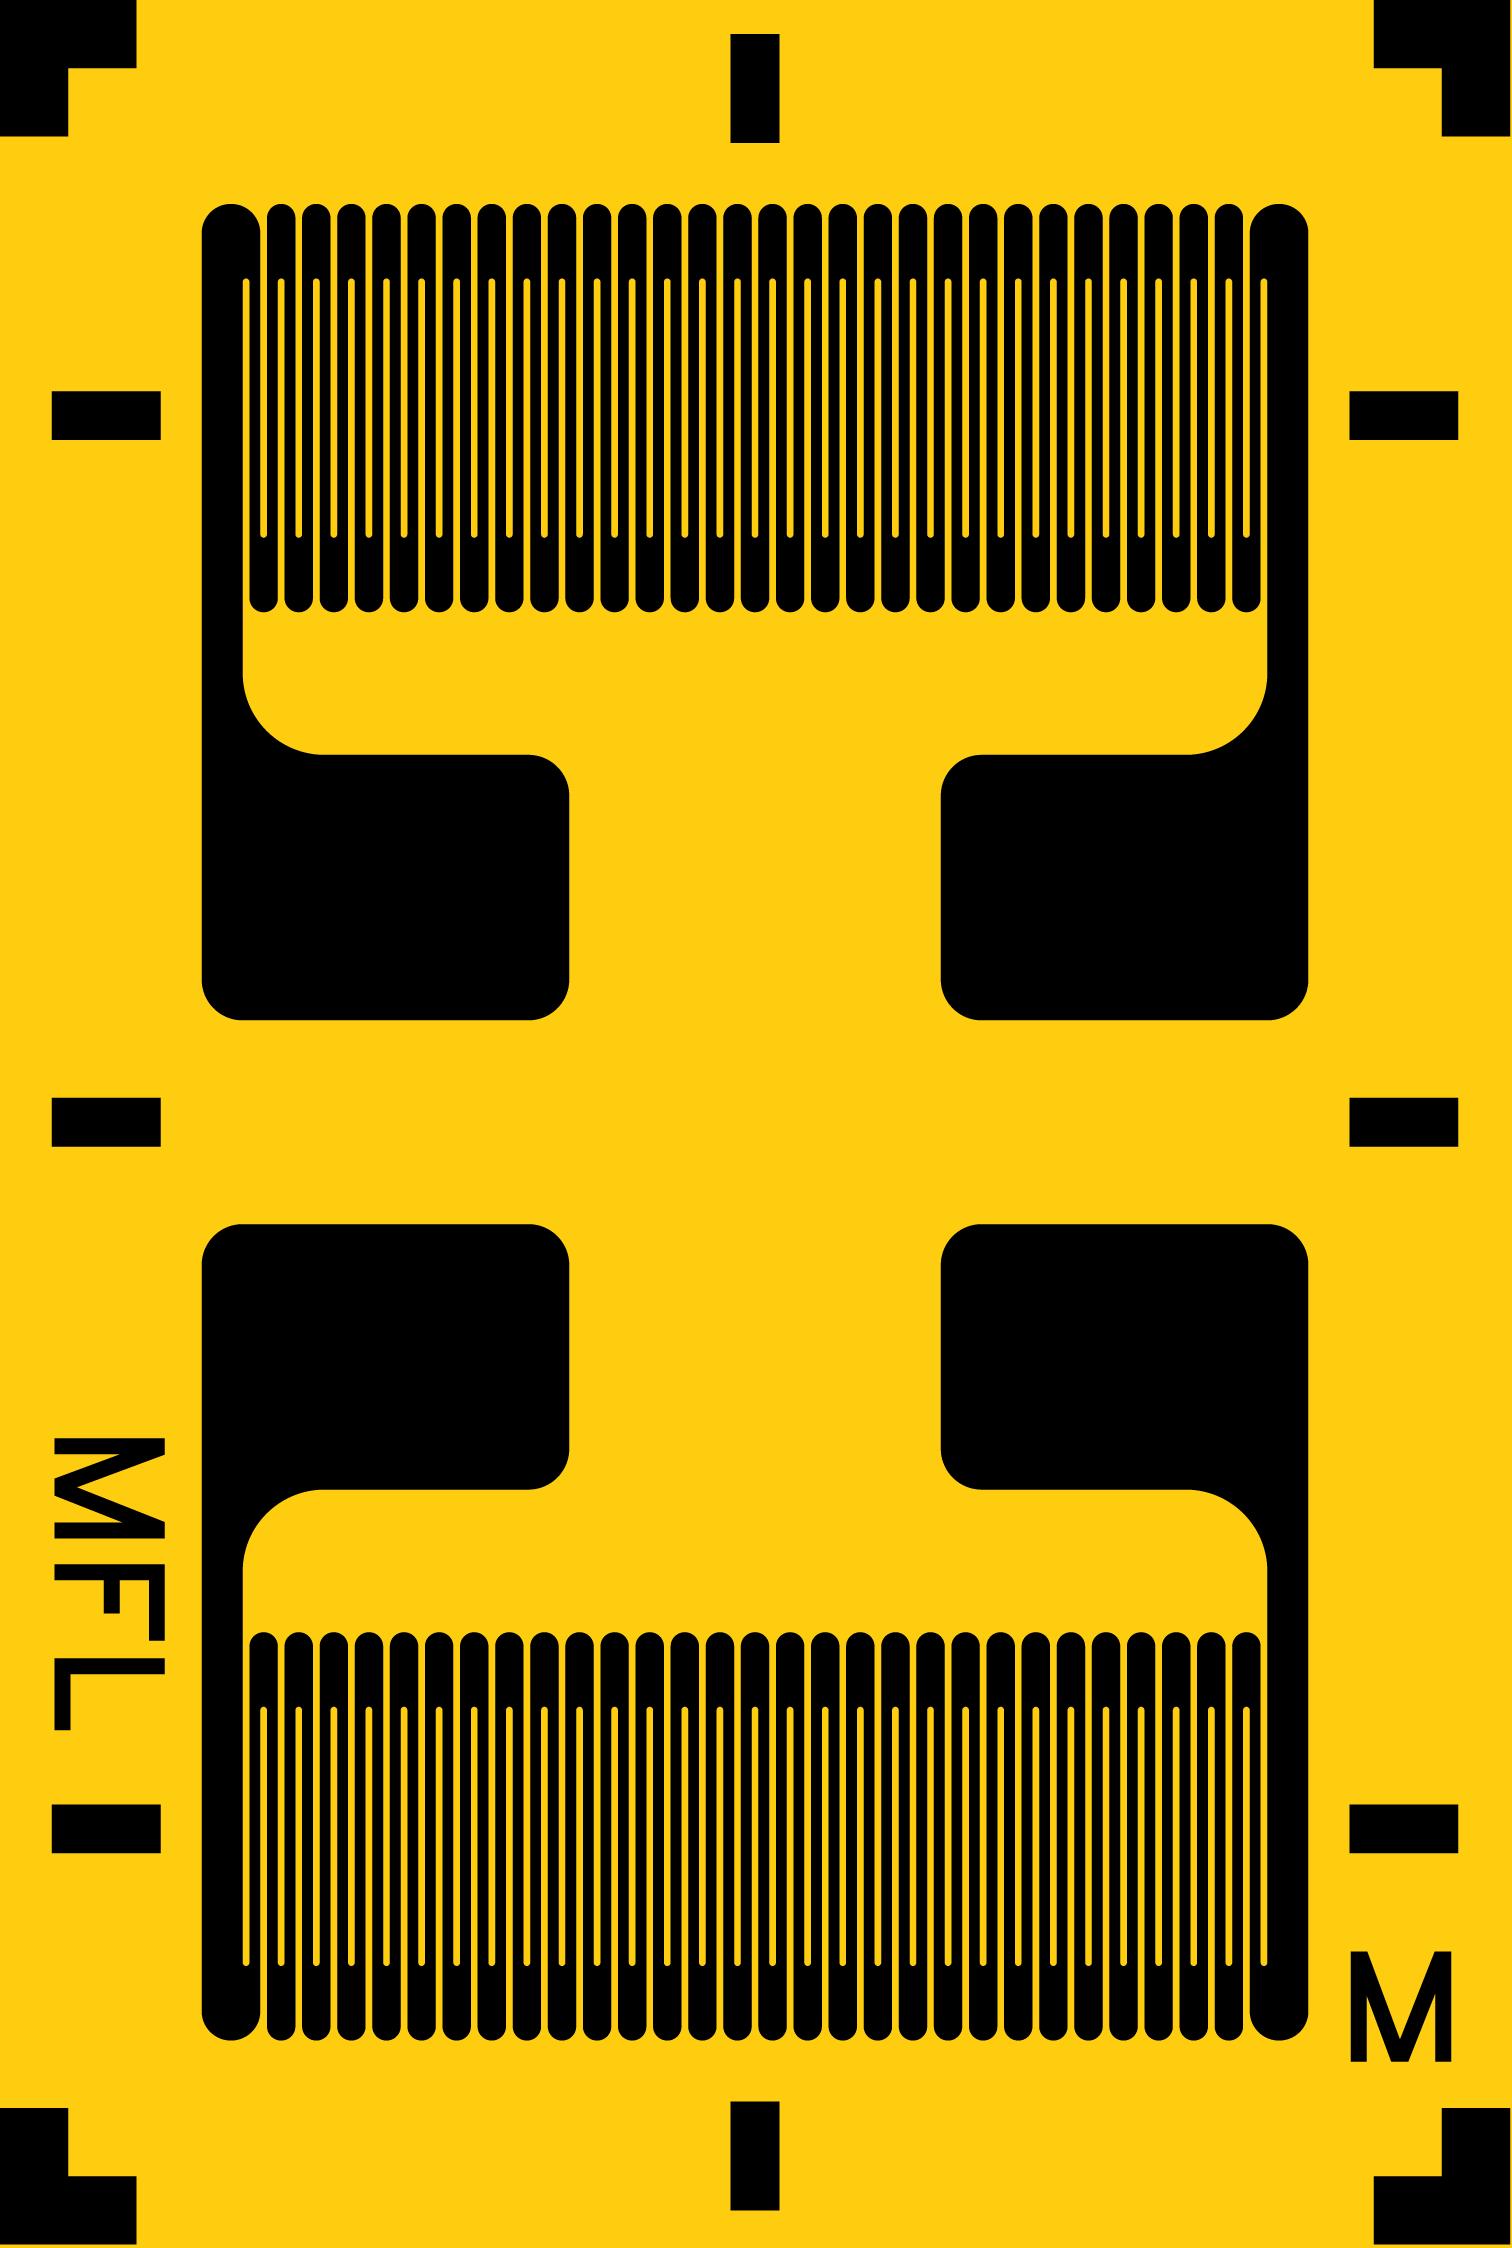 D1X-350M-XX-Y